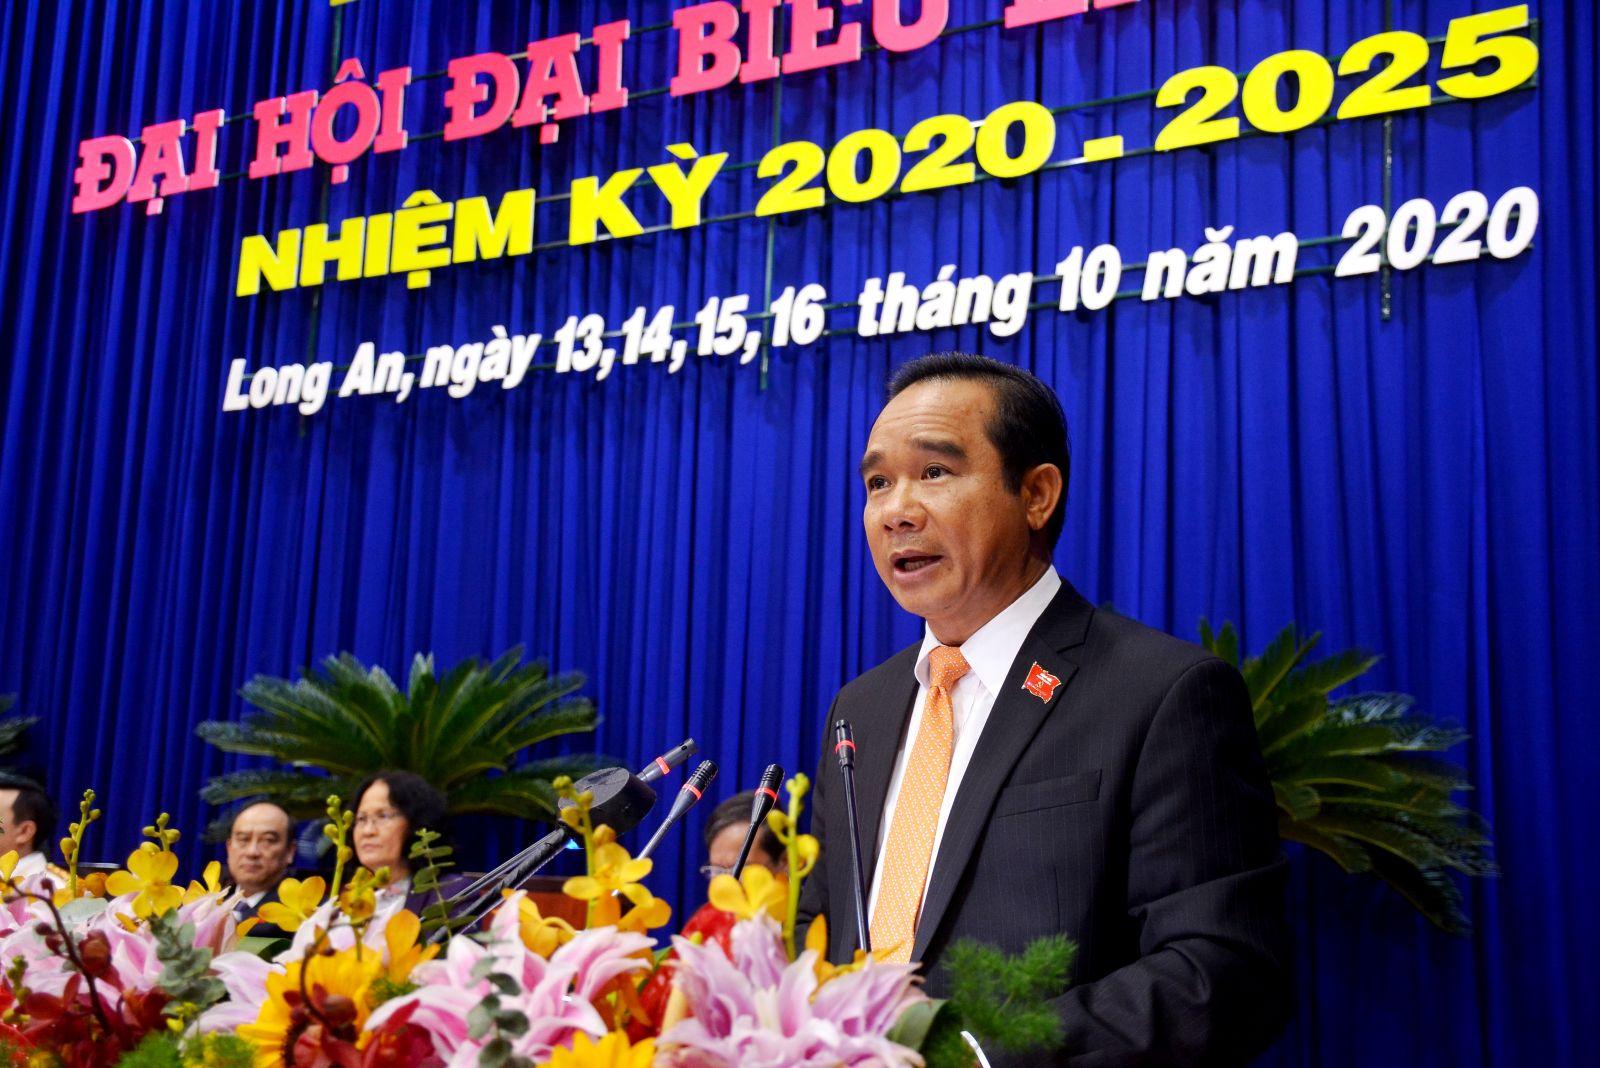 Đồng chí Nguyễn Văn Được giữ chức Bí thư Tỉnh ủy Long An nhiệm kỳ 2020-2025.